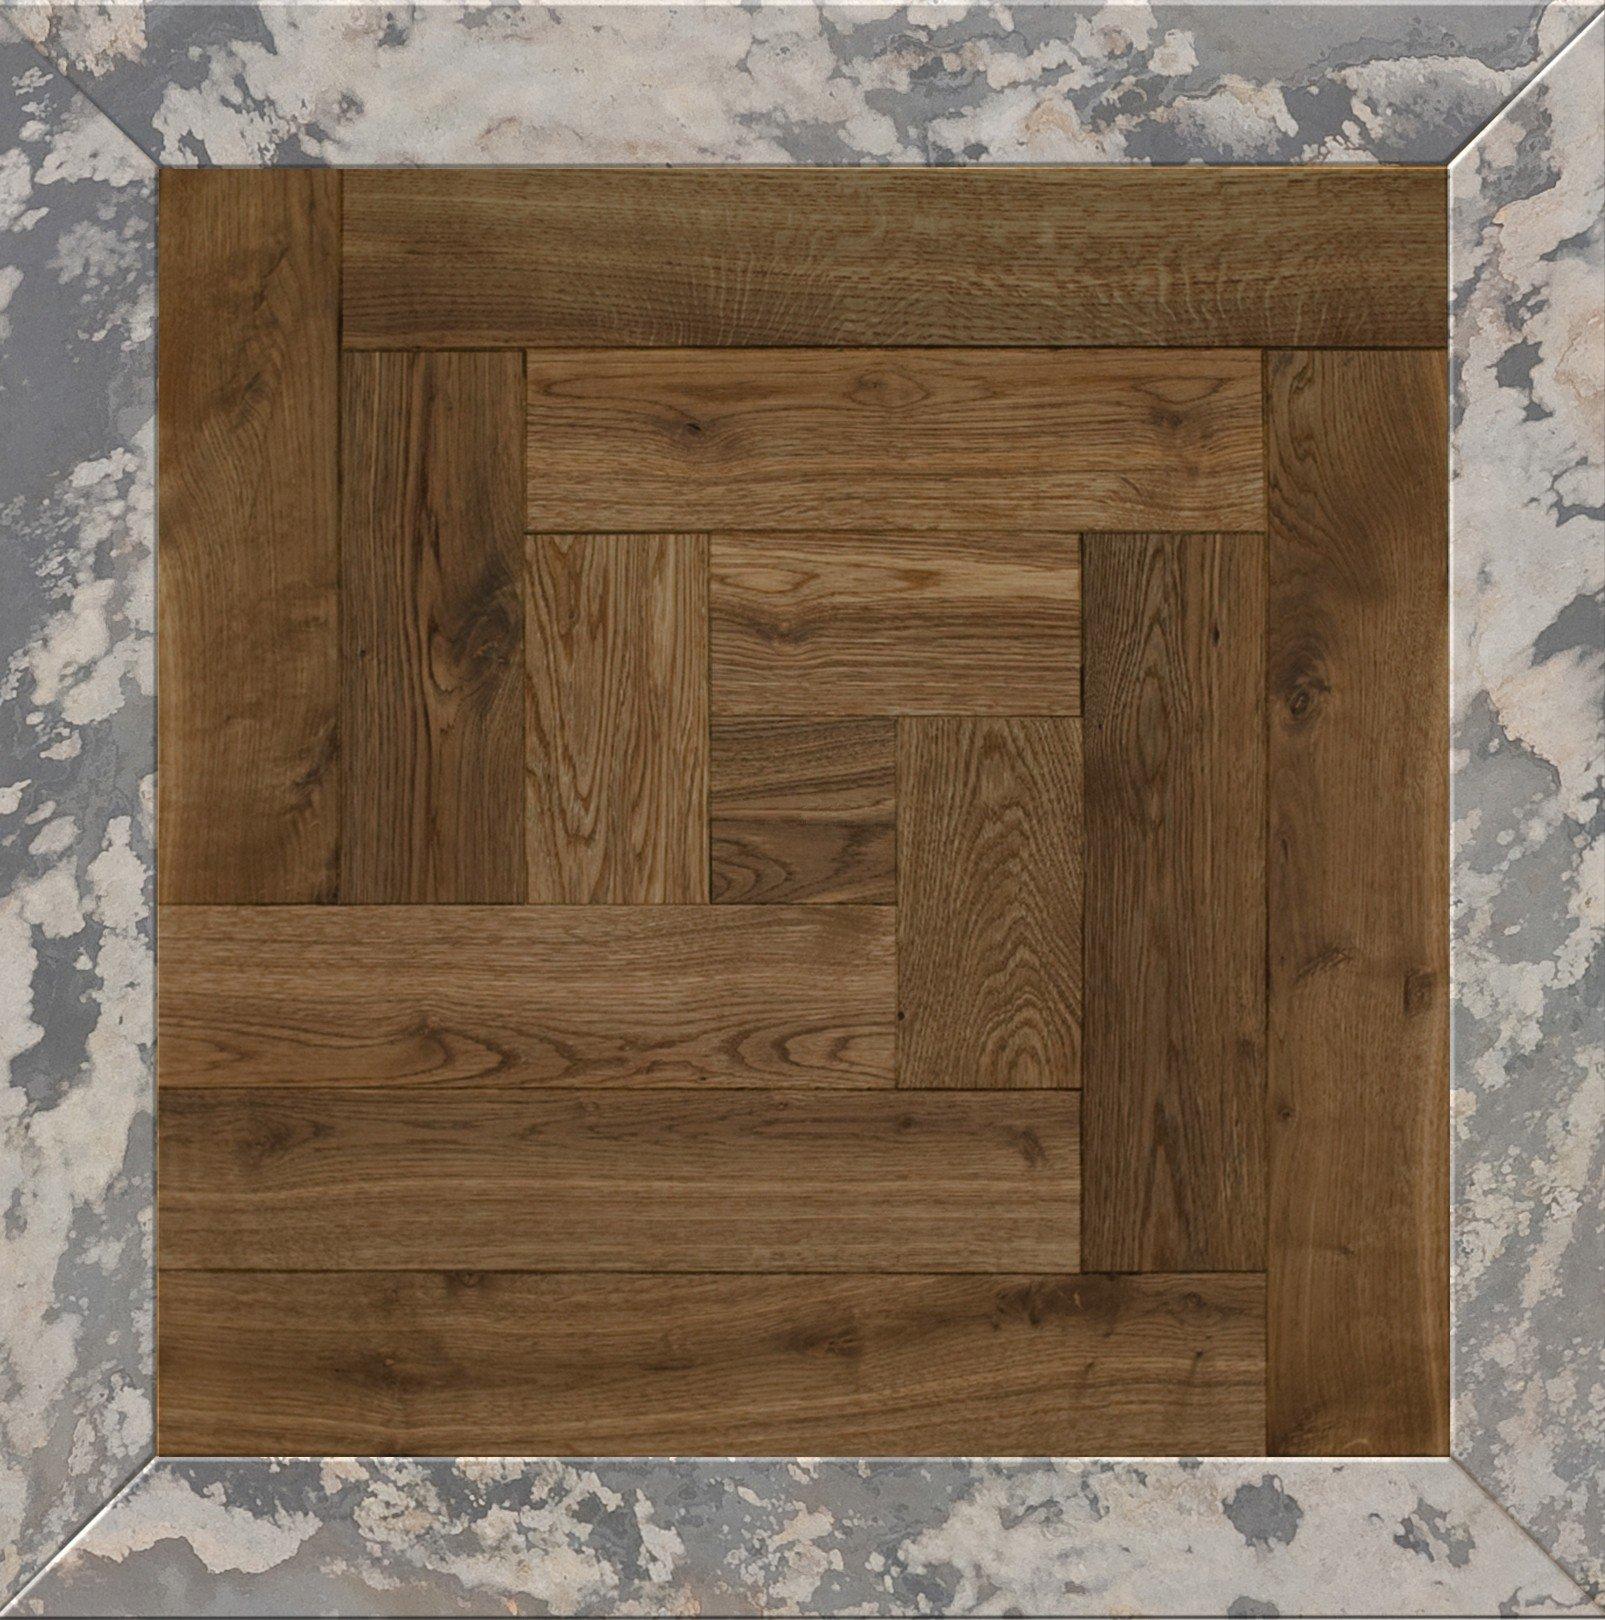 Модульный паркет Da Vinci с камнем 26-006-00383